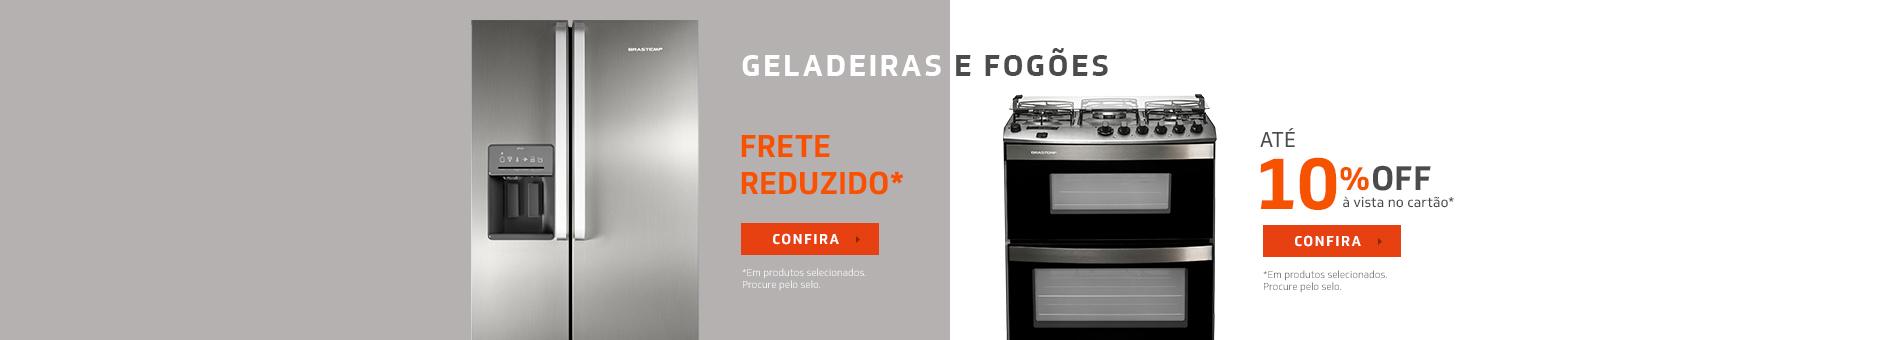 Promoção Interna - 2131 - camp-brastemp_geladeiras-fogoes-duplo_17102017_home4 - geladeiras-fogoes-duplo - 4